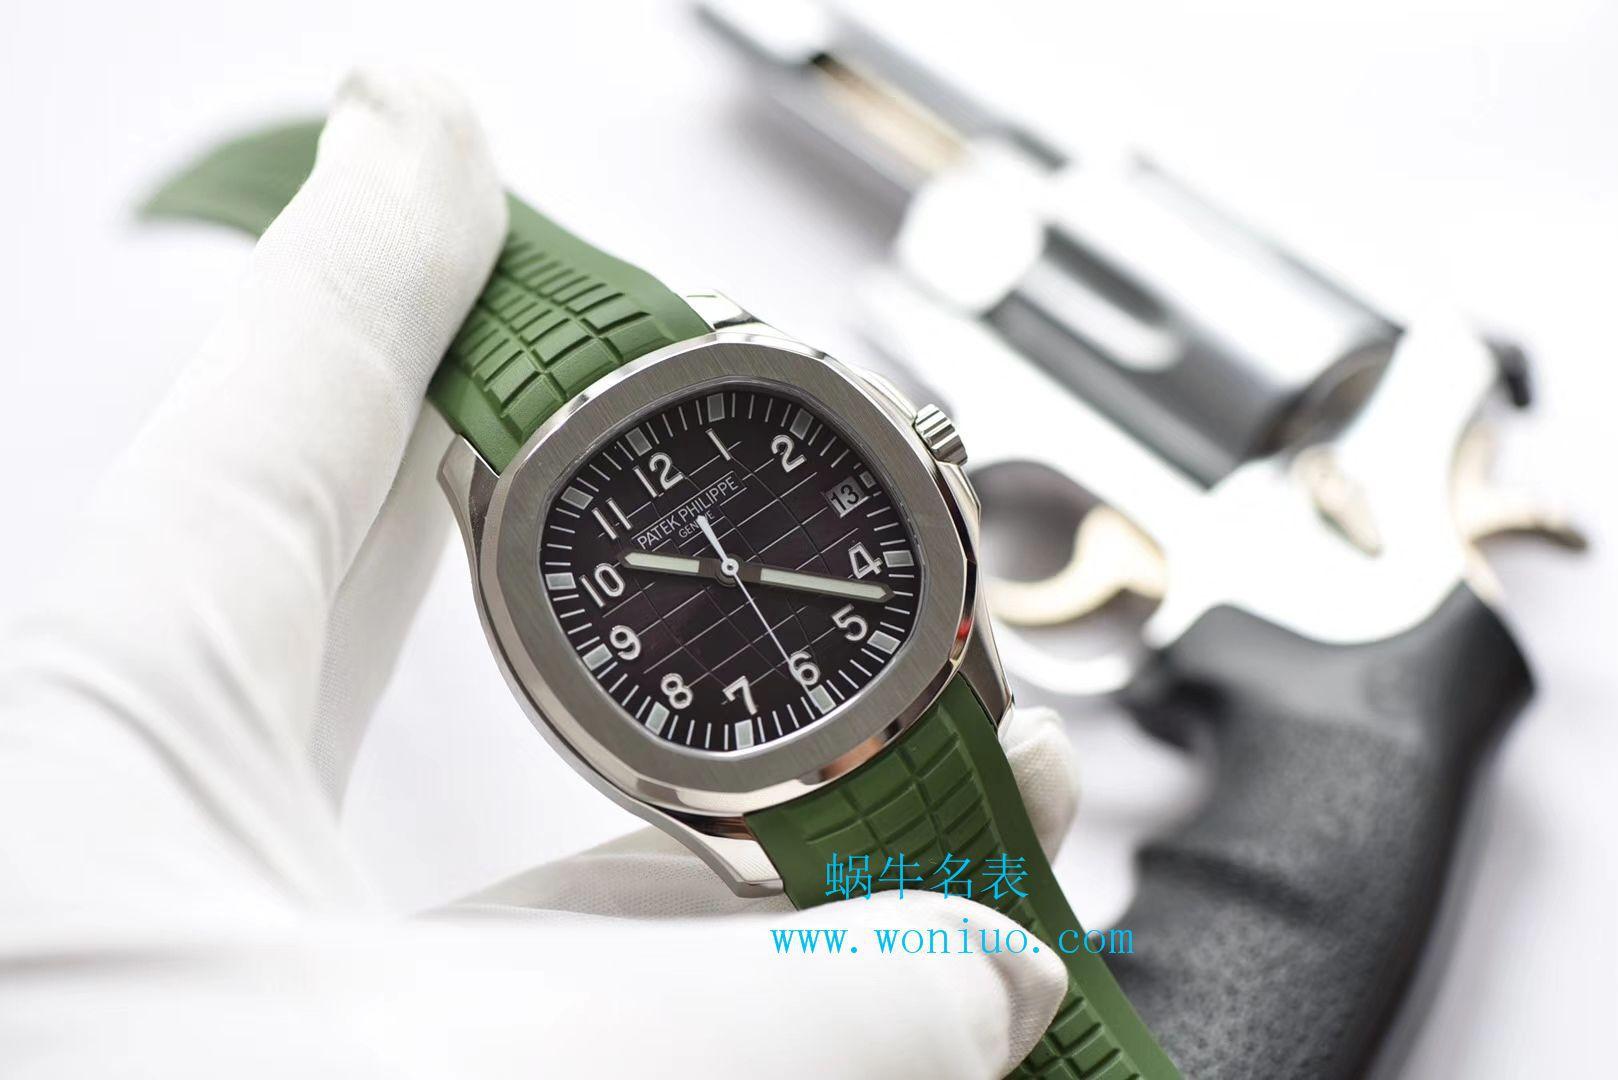 视频评测百达翡丽AQUANAUT系列5167A-001腕表【PF一比一精仿百达翡丽手雷手表】